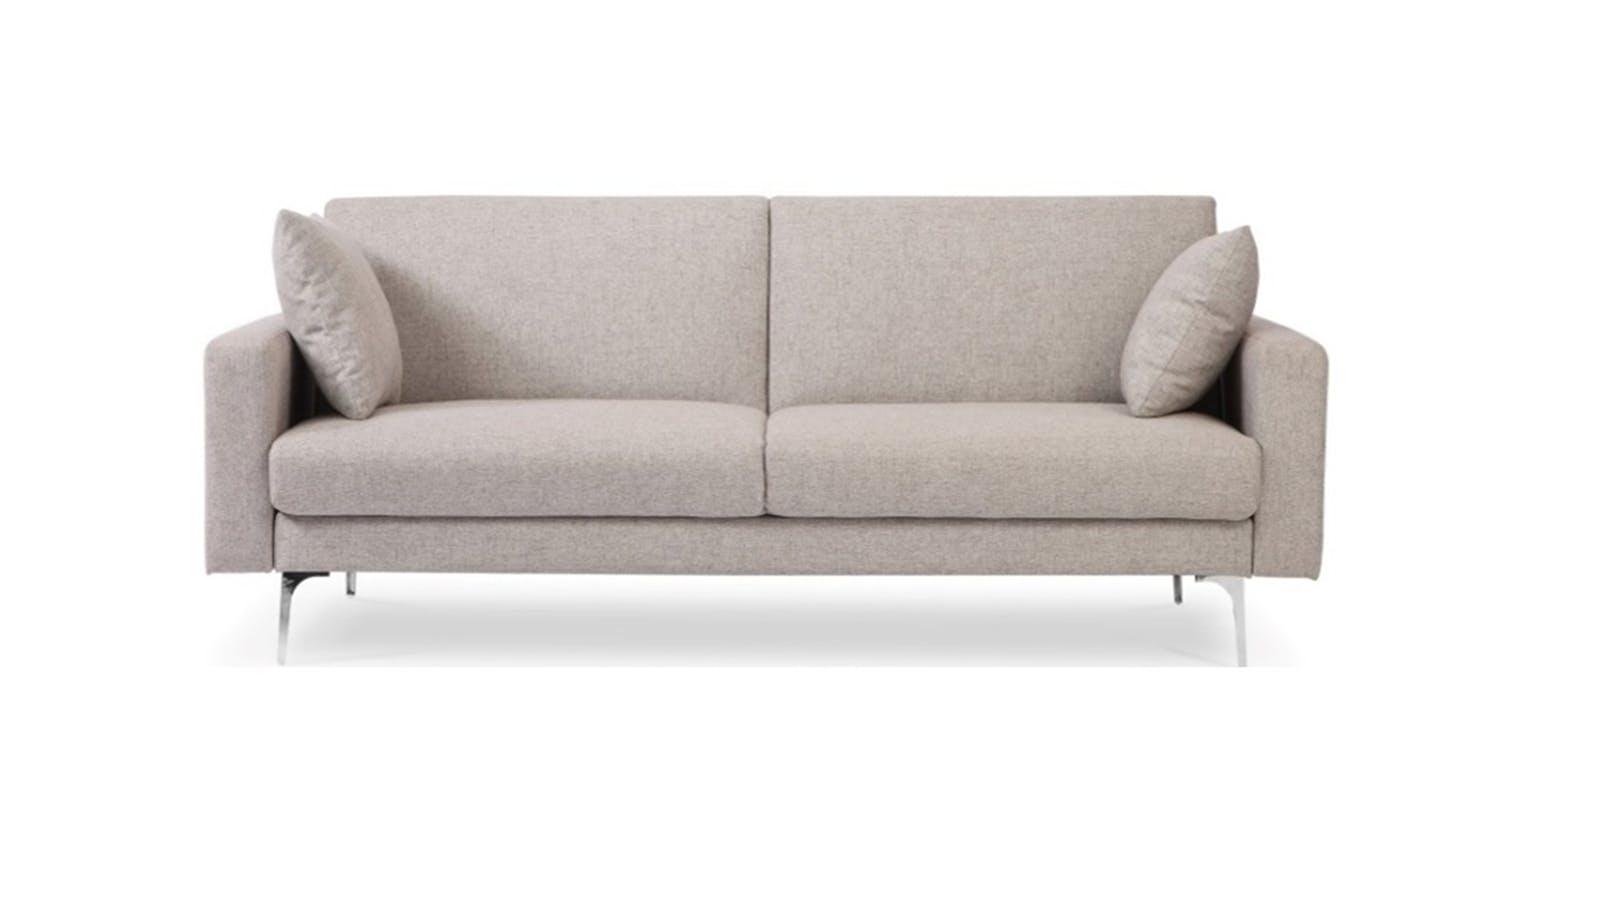 Malaysia sofa for Sofa bed malaysia